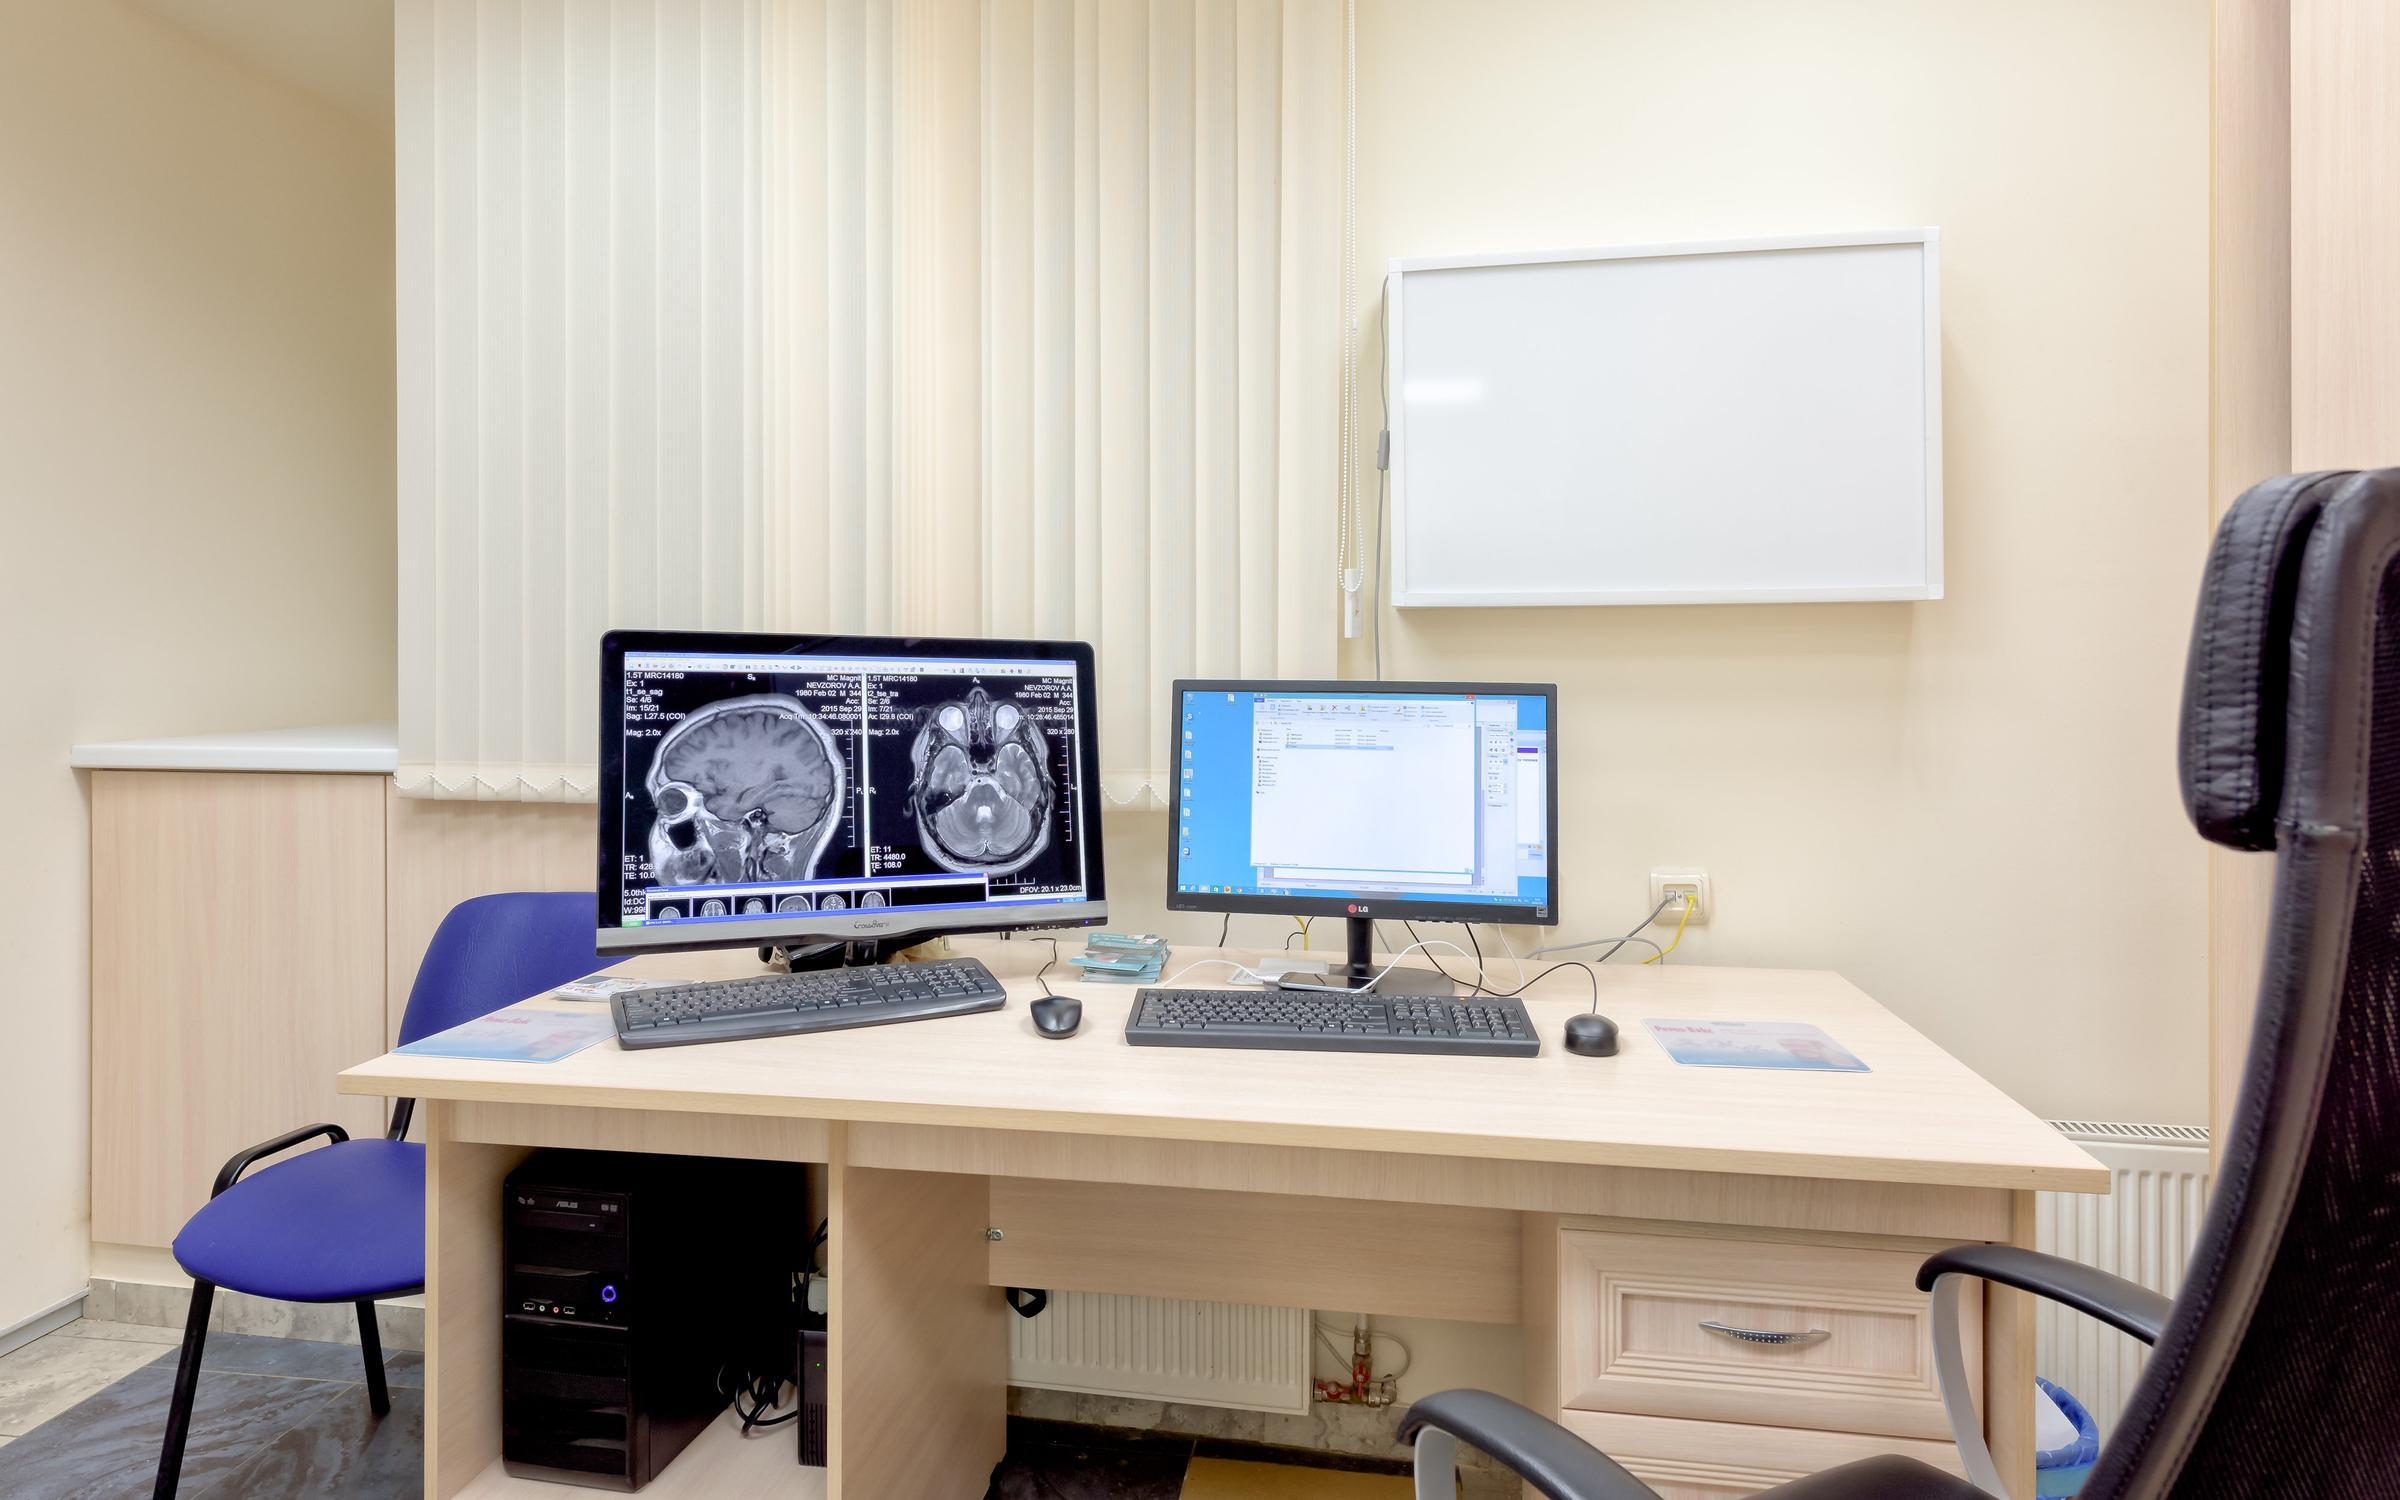 """фотография Медицинского центра МРТ, КТ и УЗИ диагностики """"Магнит"""" в Адмиралтейском районе"""